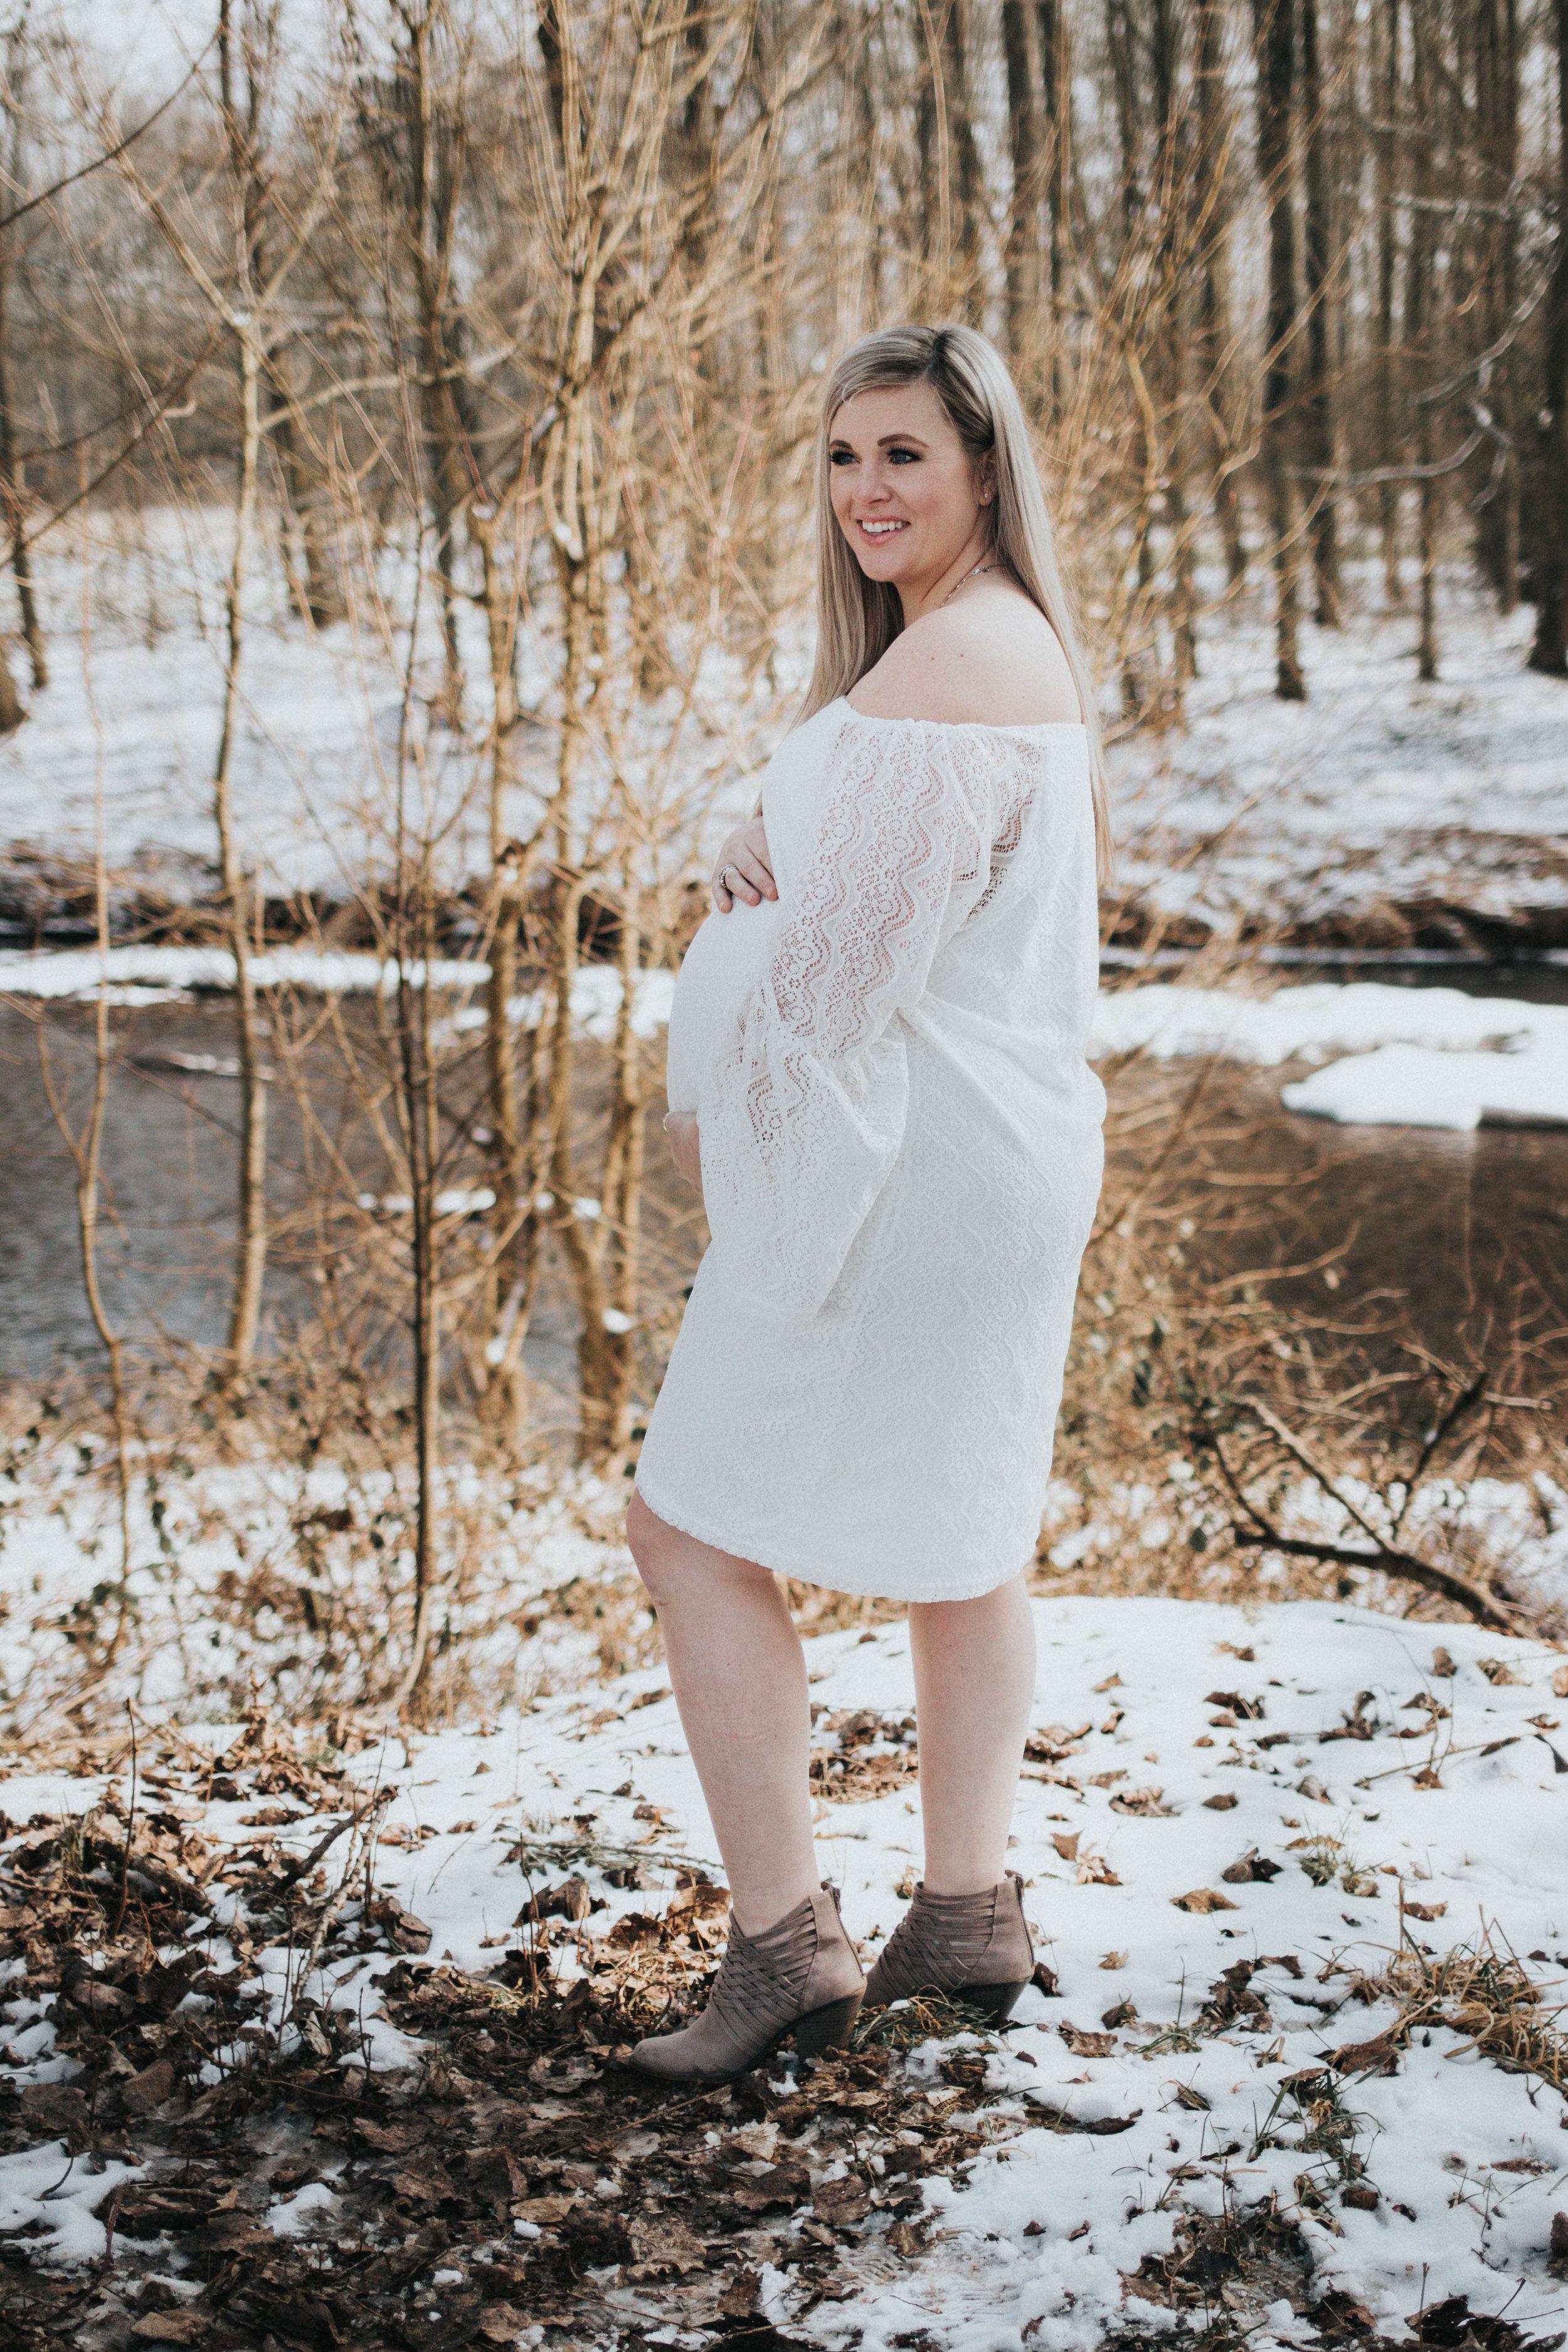 Noyola_Maternity-190-2.jpg